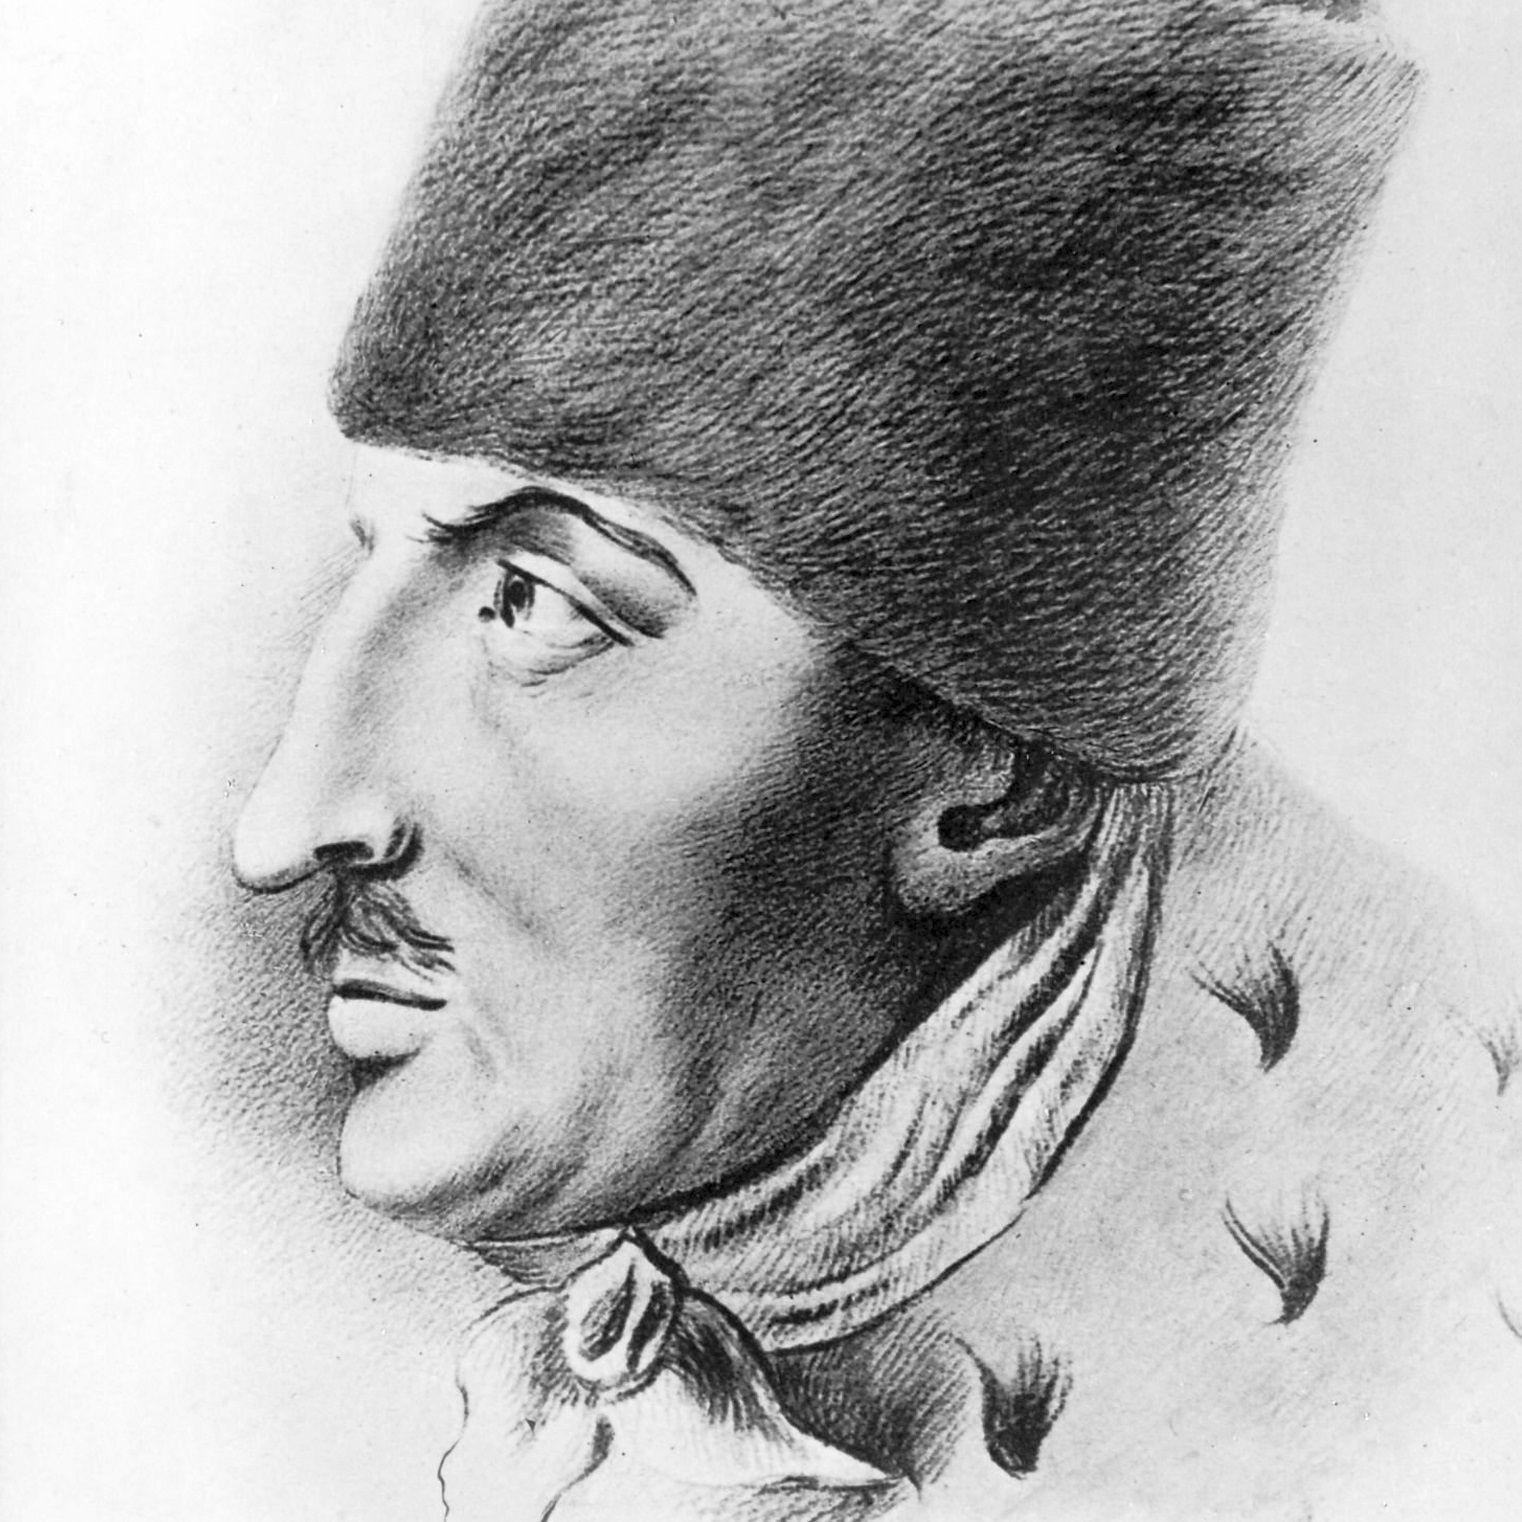 Samozwańczy mesjasz żydowski, Jakub Frank, założył w Polsce prężnie działającą sektę.